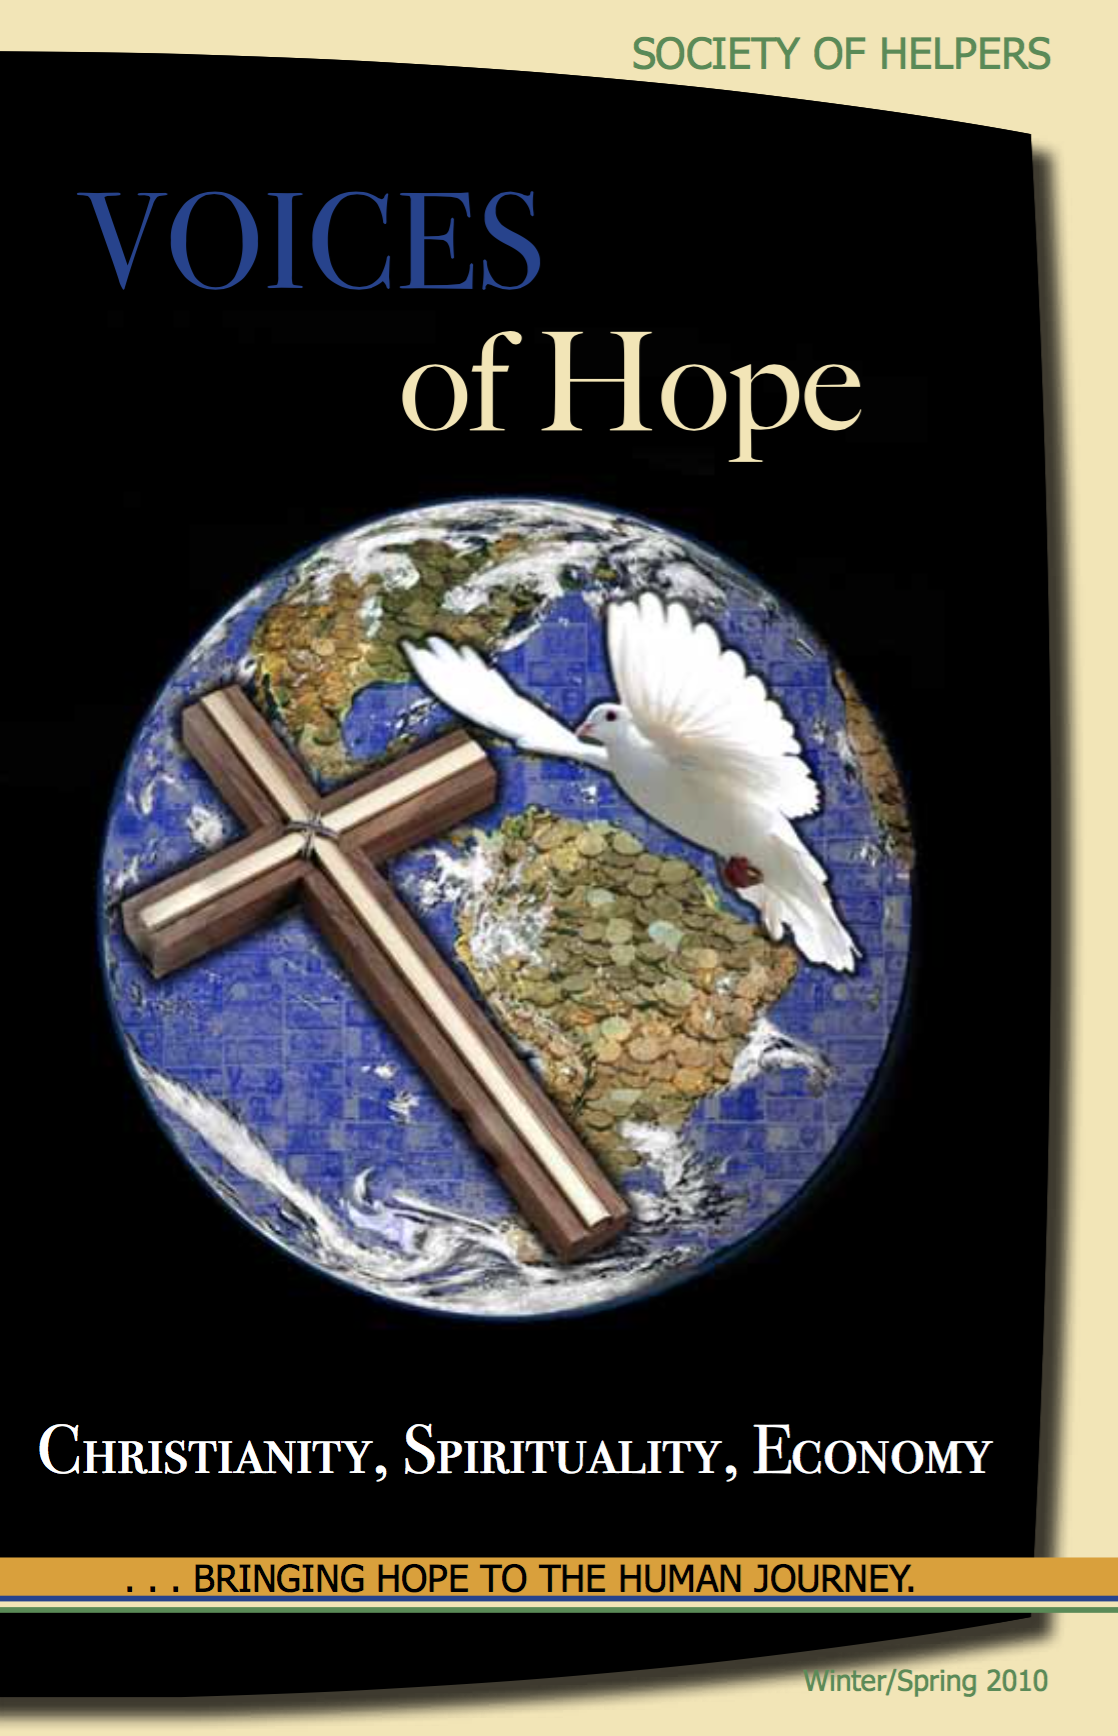 Christianity, Spirituality, Economy VoH 3